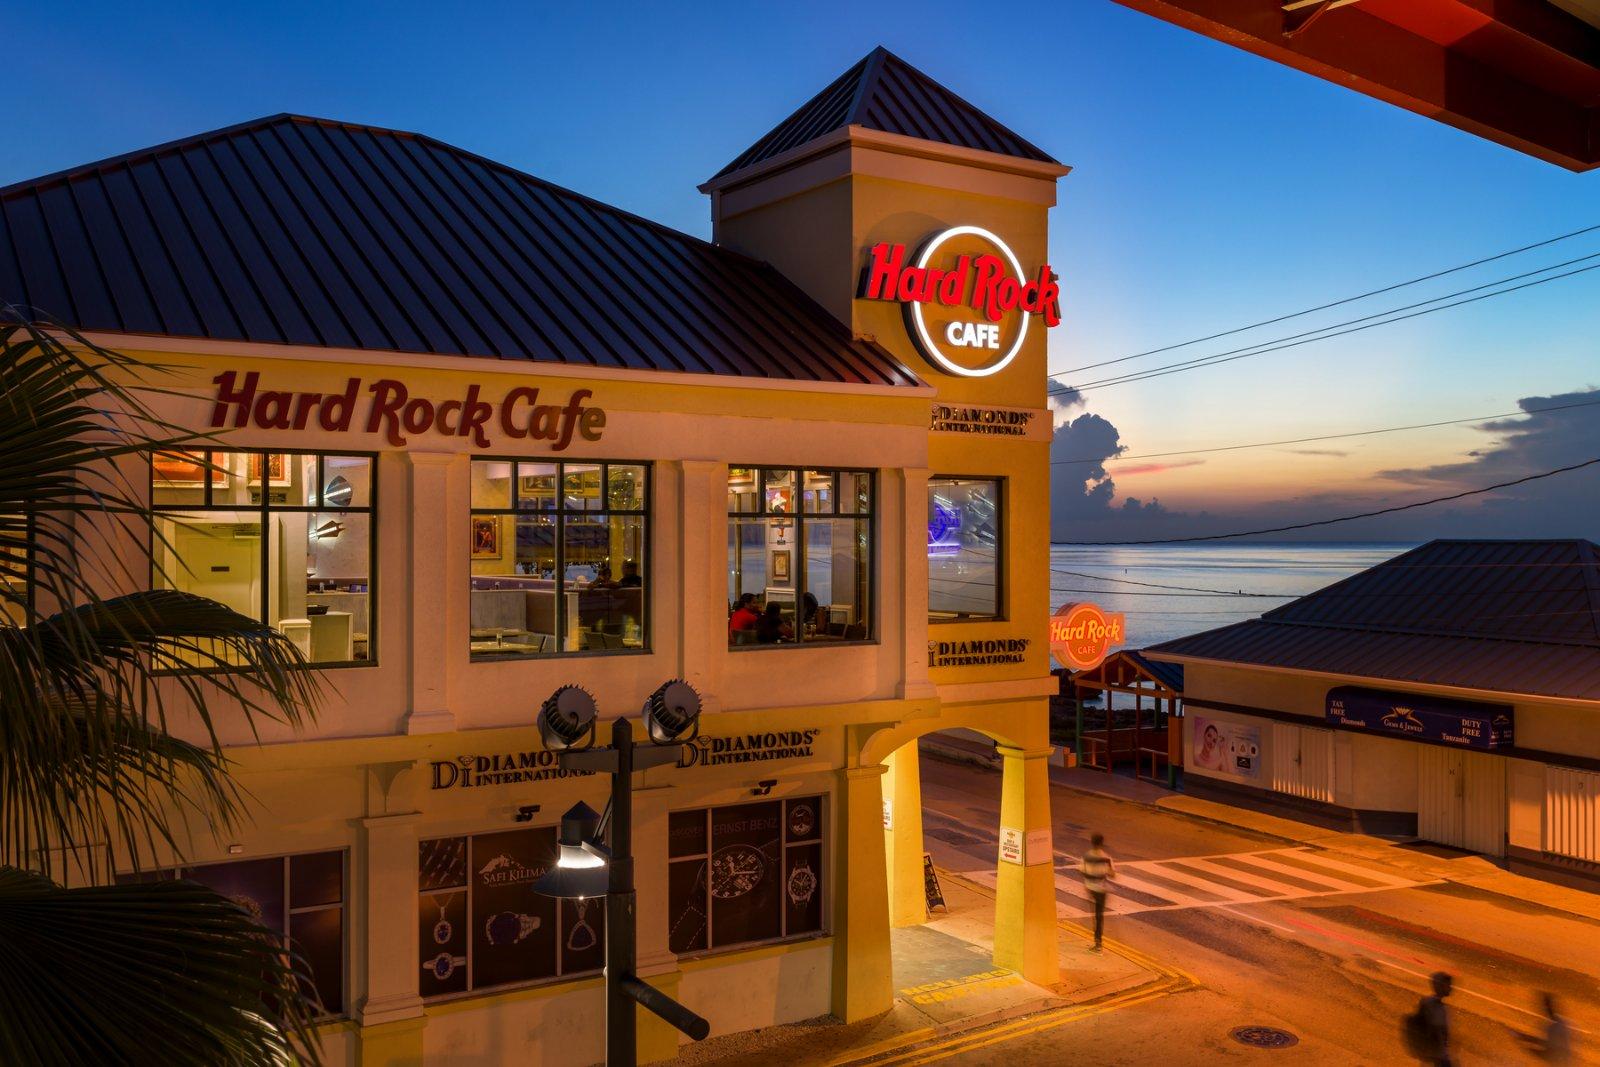 Hard Rock Cafe Exterior Night time